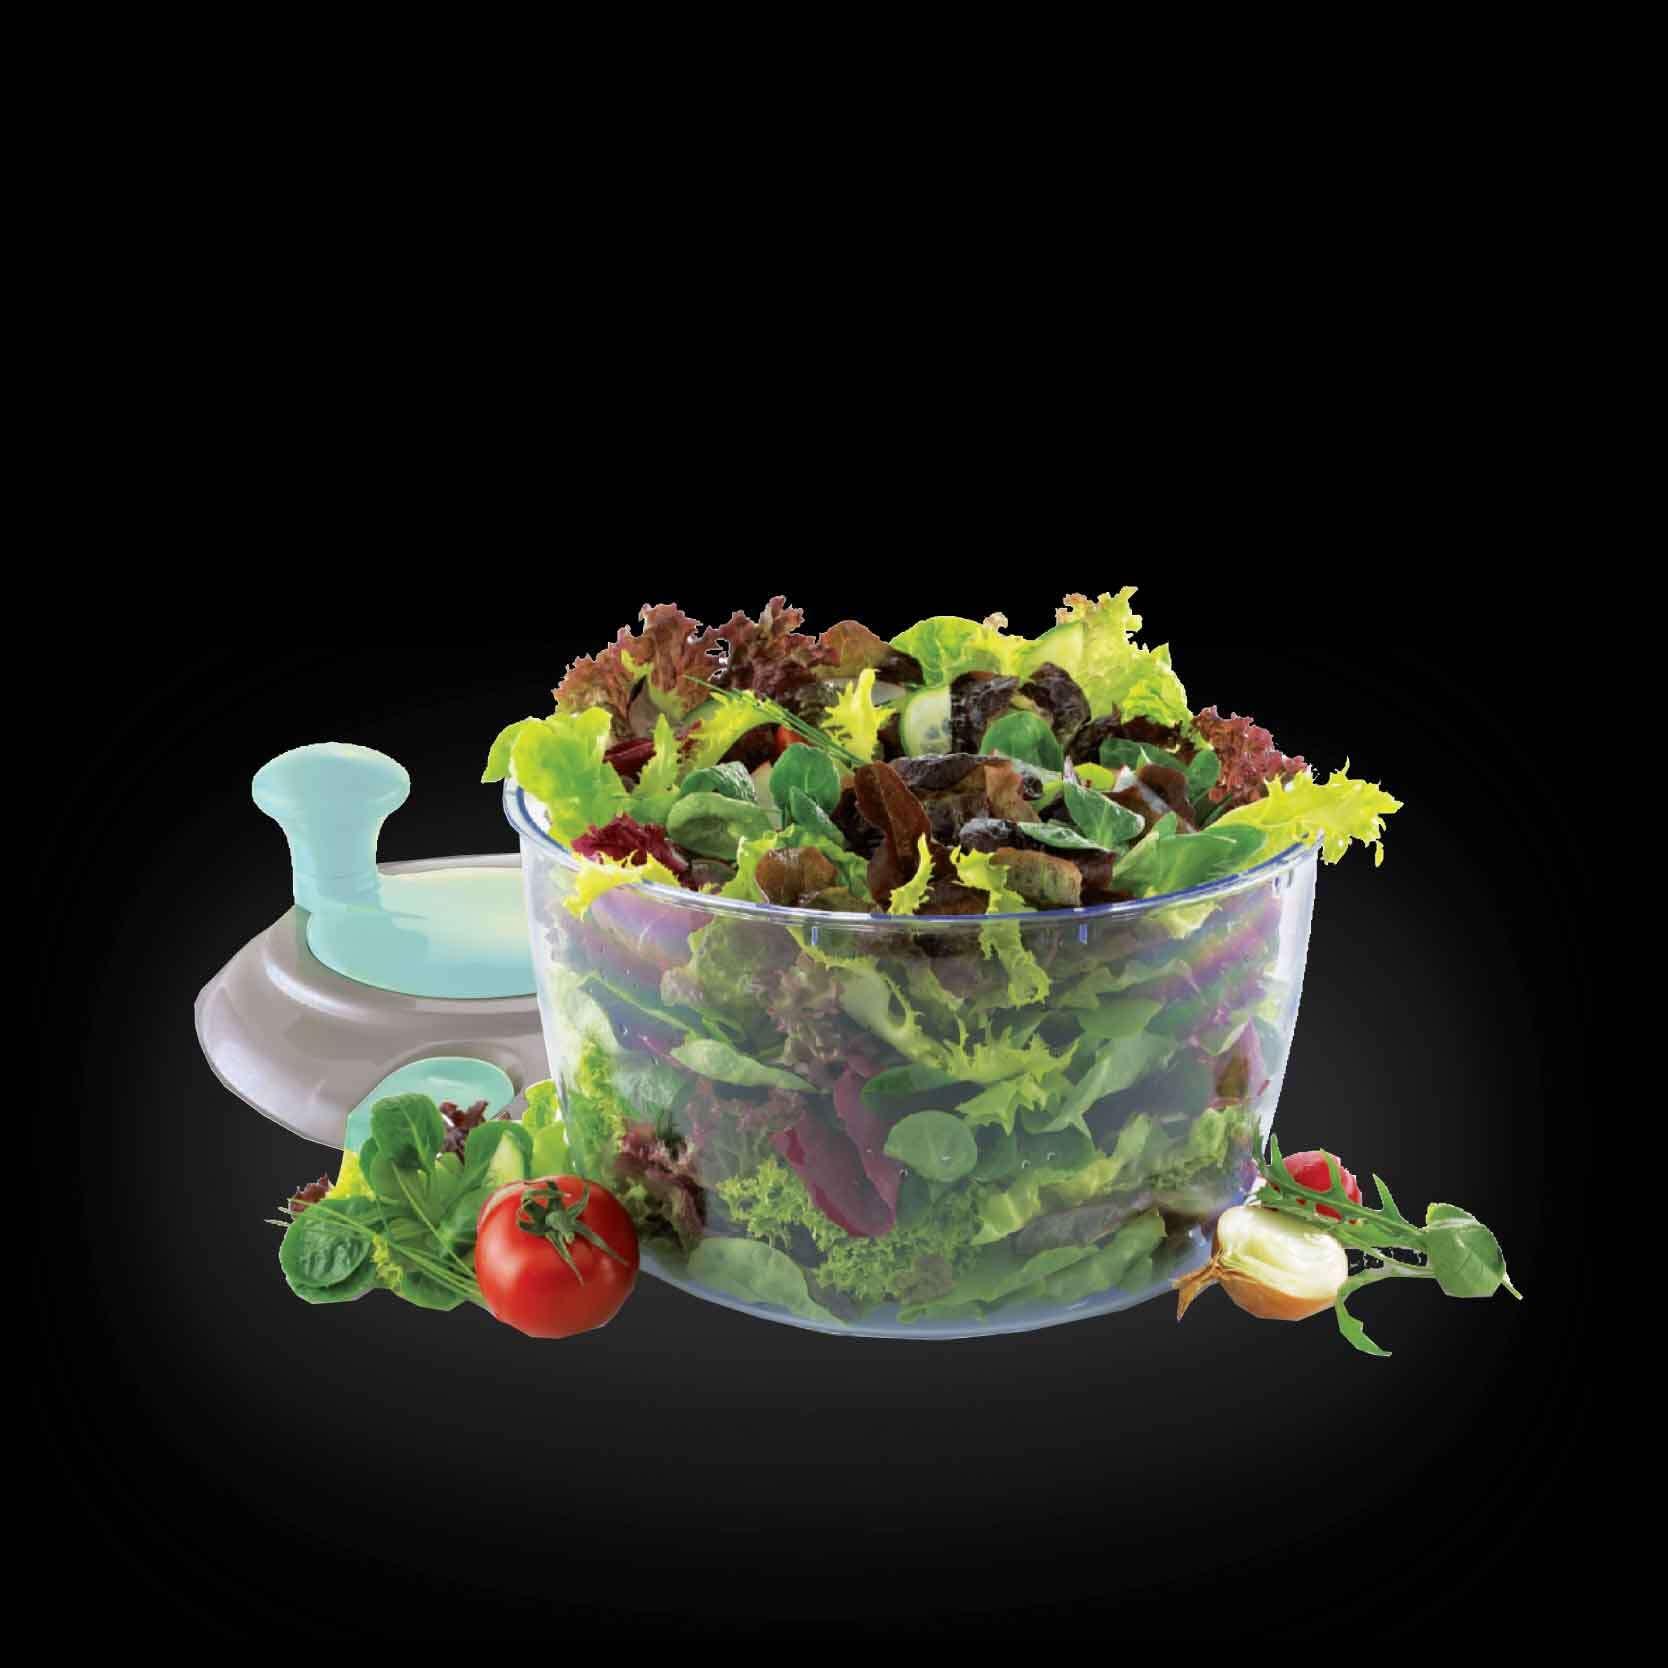 800x800_LG Salad Spinner